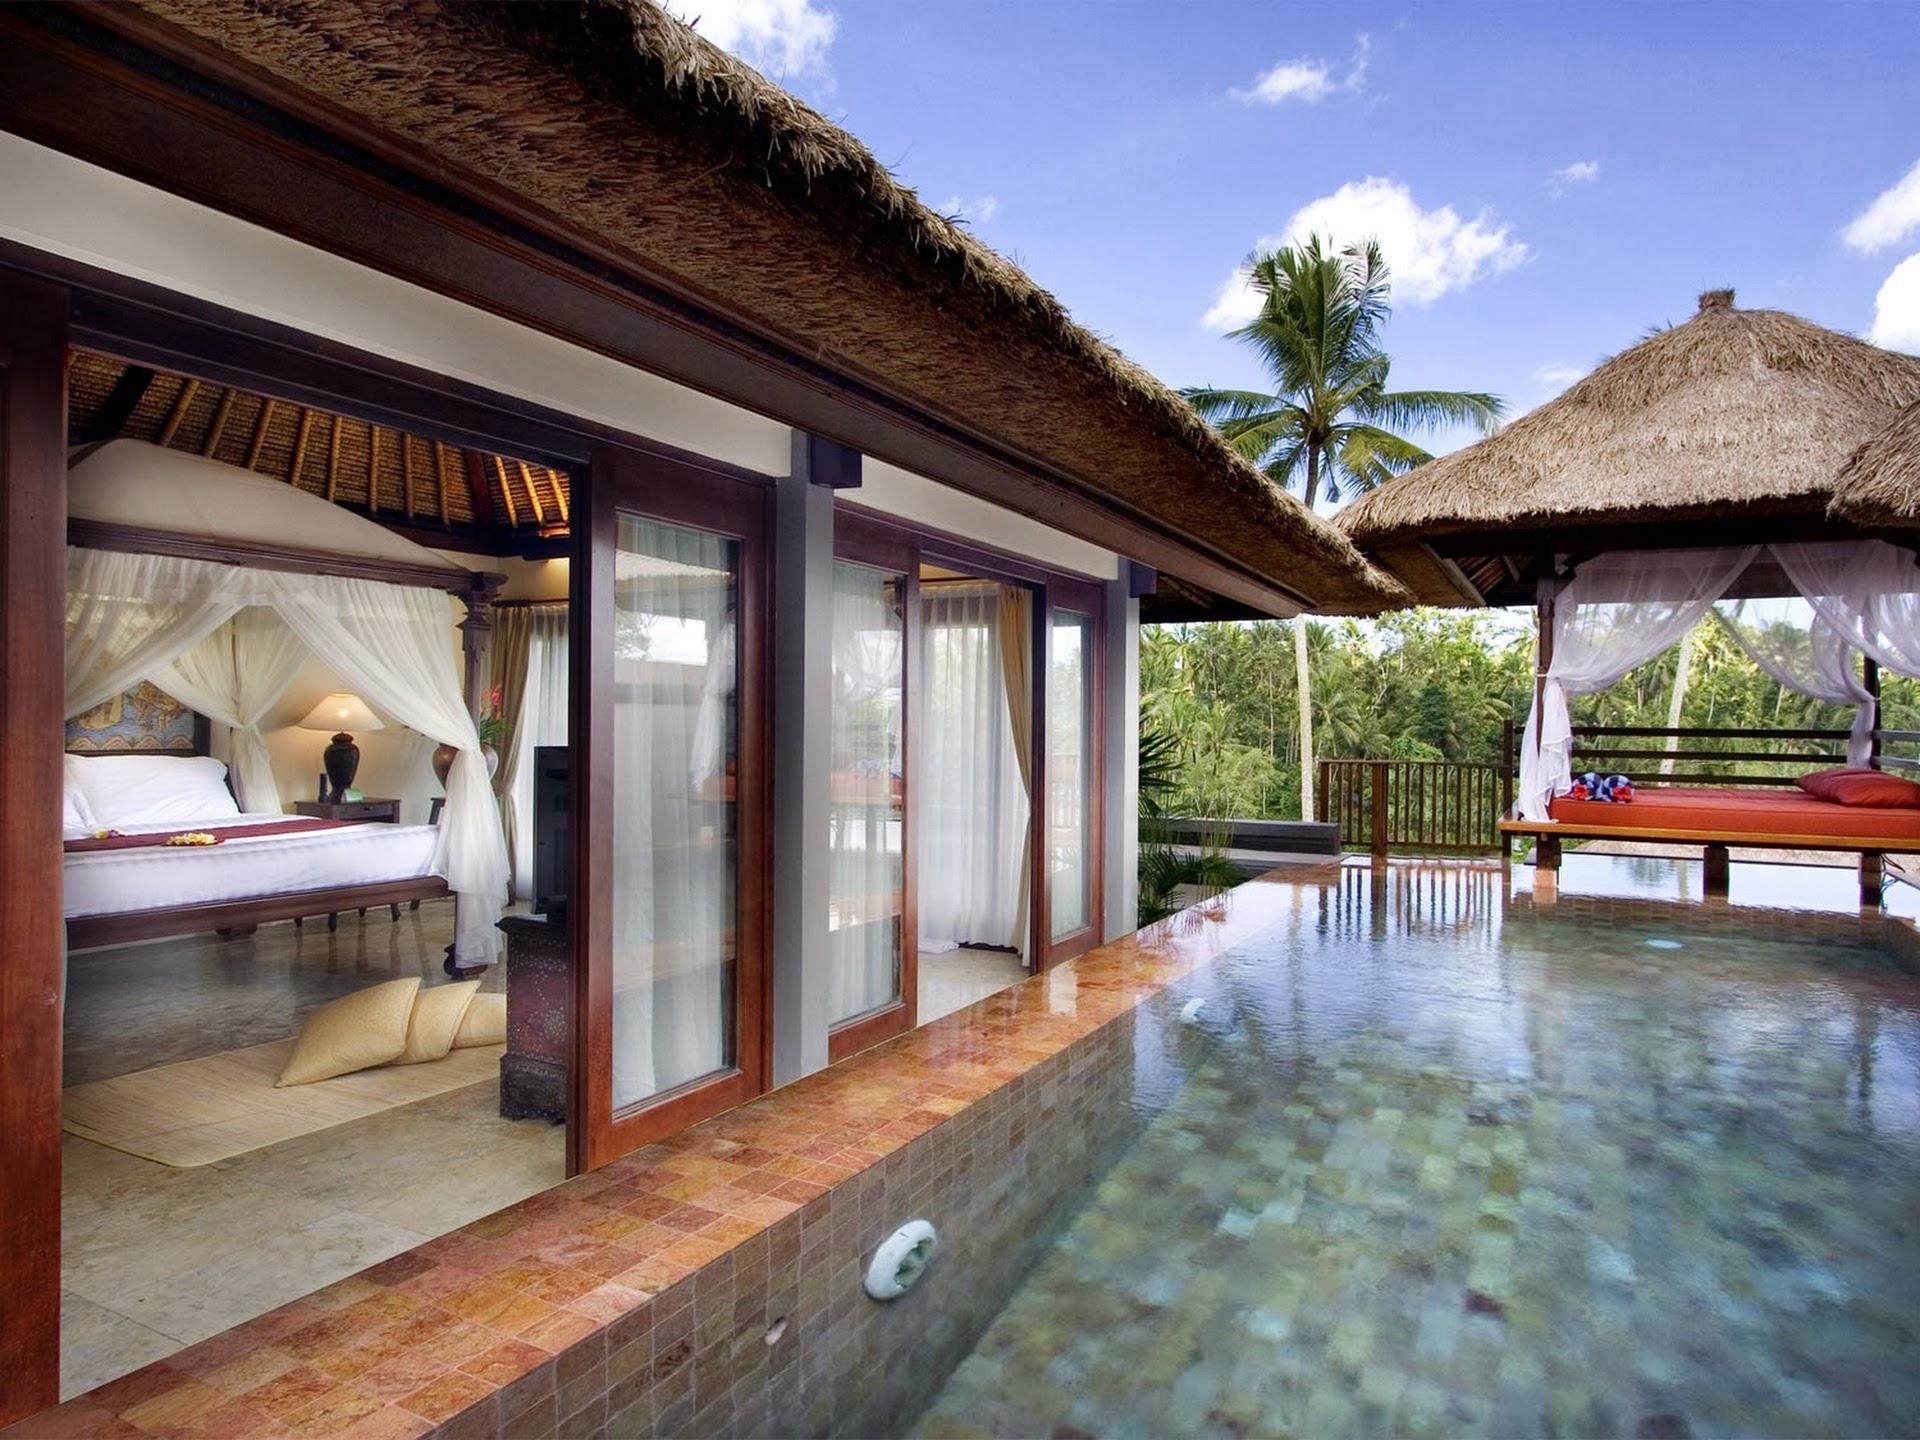 Bali_Kamandalu_Ubud_44